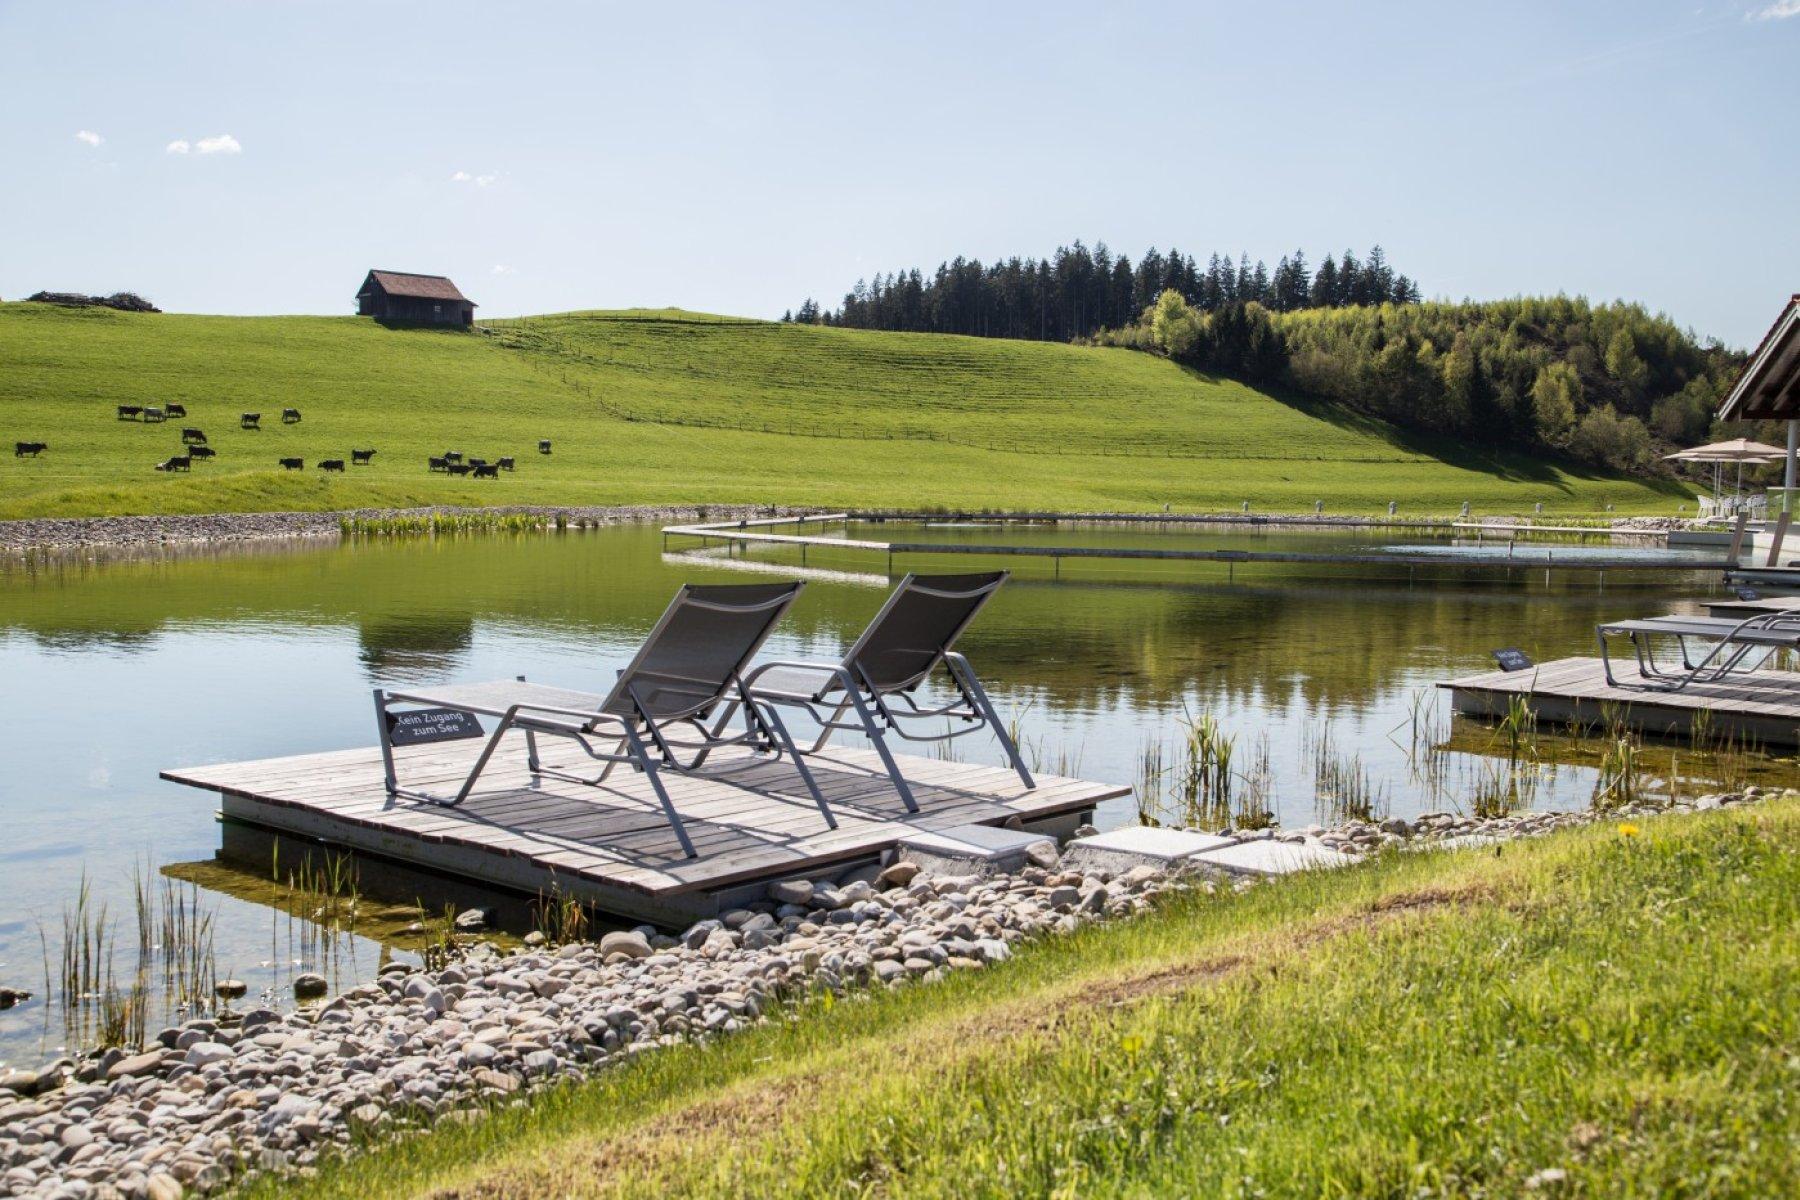 den Schumpen beim Grasen zusehen, die Ruhe genießen. Am neuen 2500 qm großen Natursee erleben Sie die Natur hautnah.